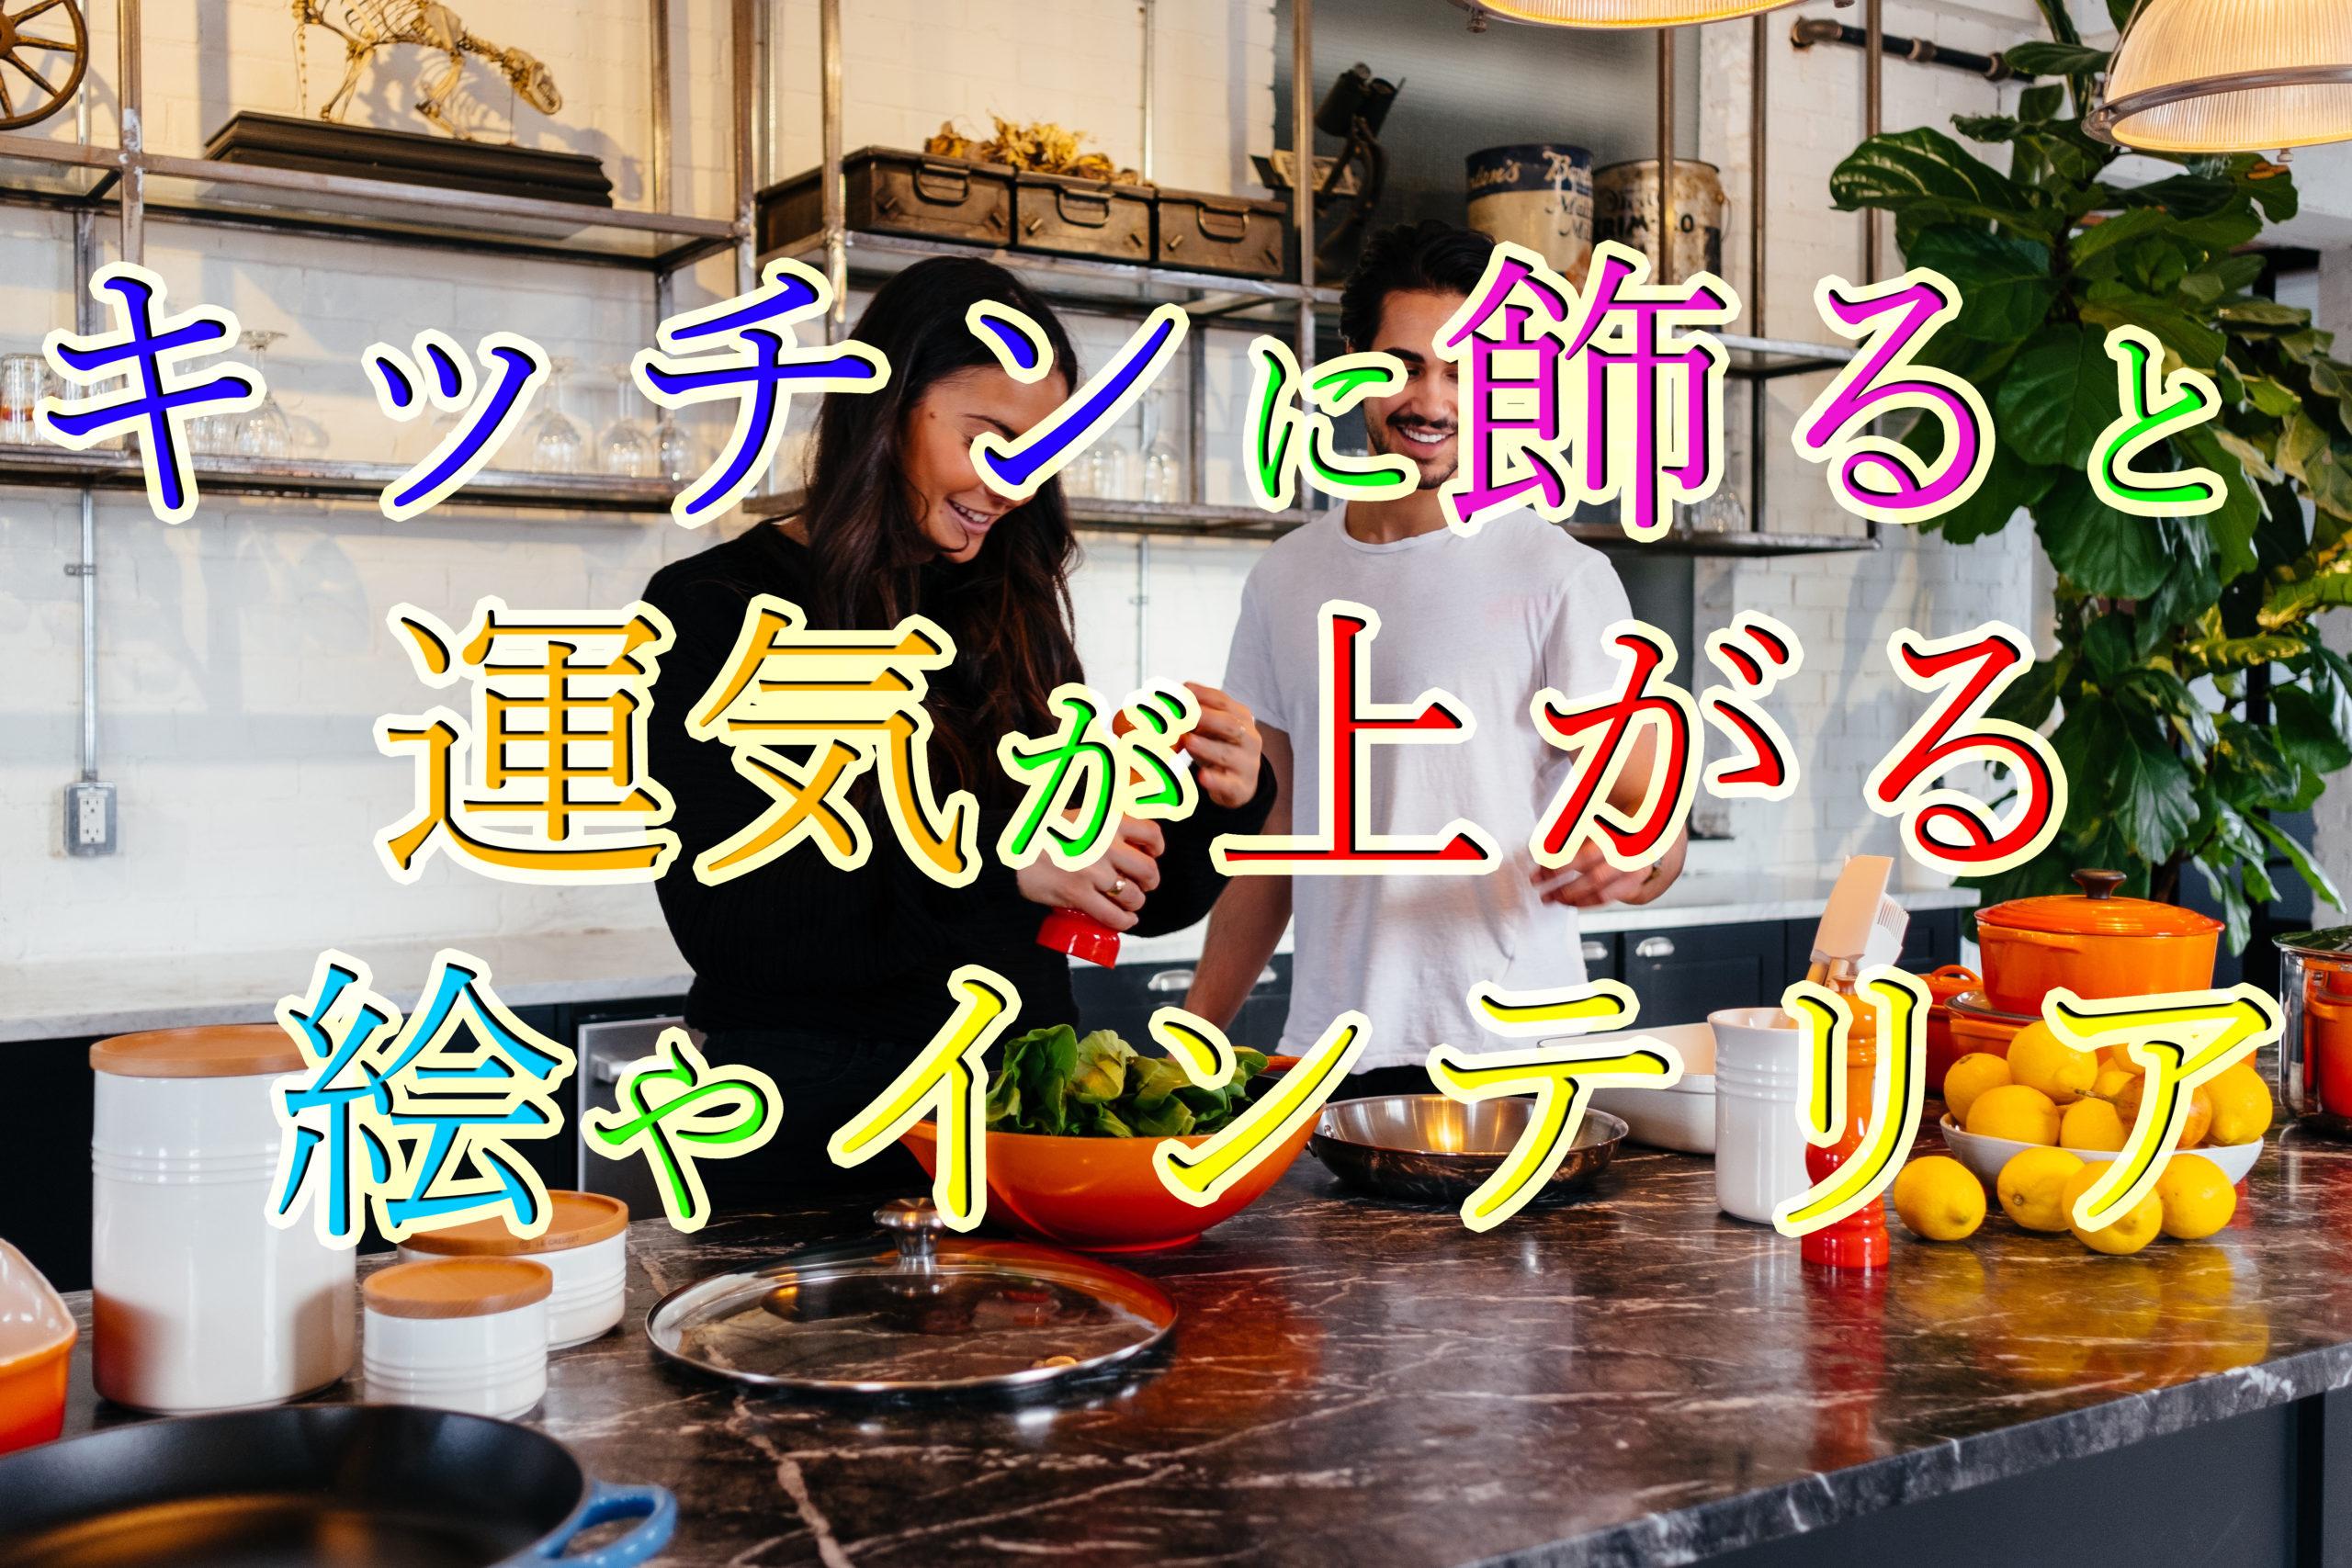 キッチンに飾ると運気が上がる絵やインテリア【風水で方角別に解説】